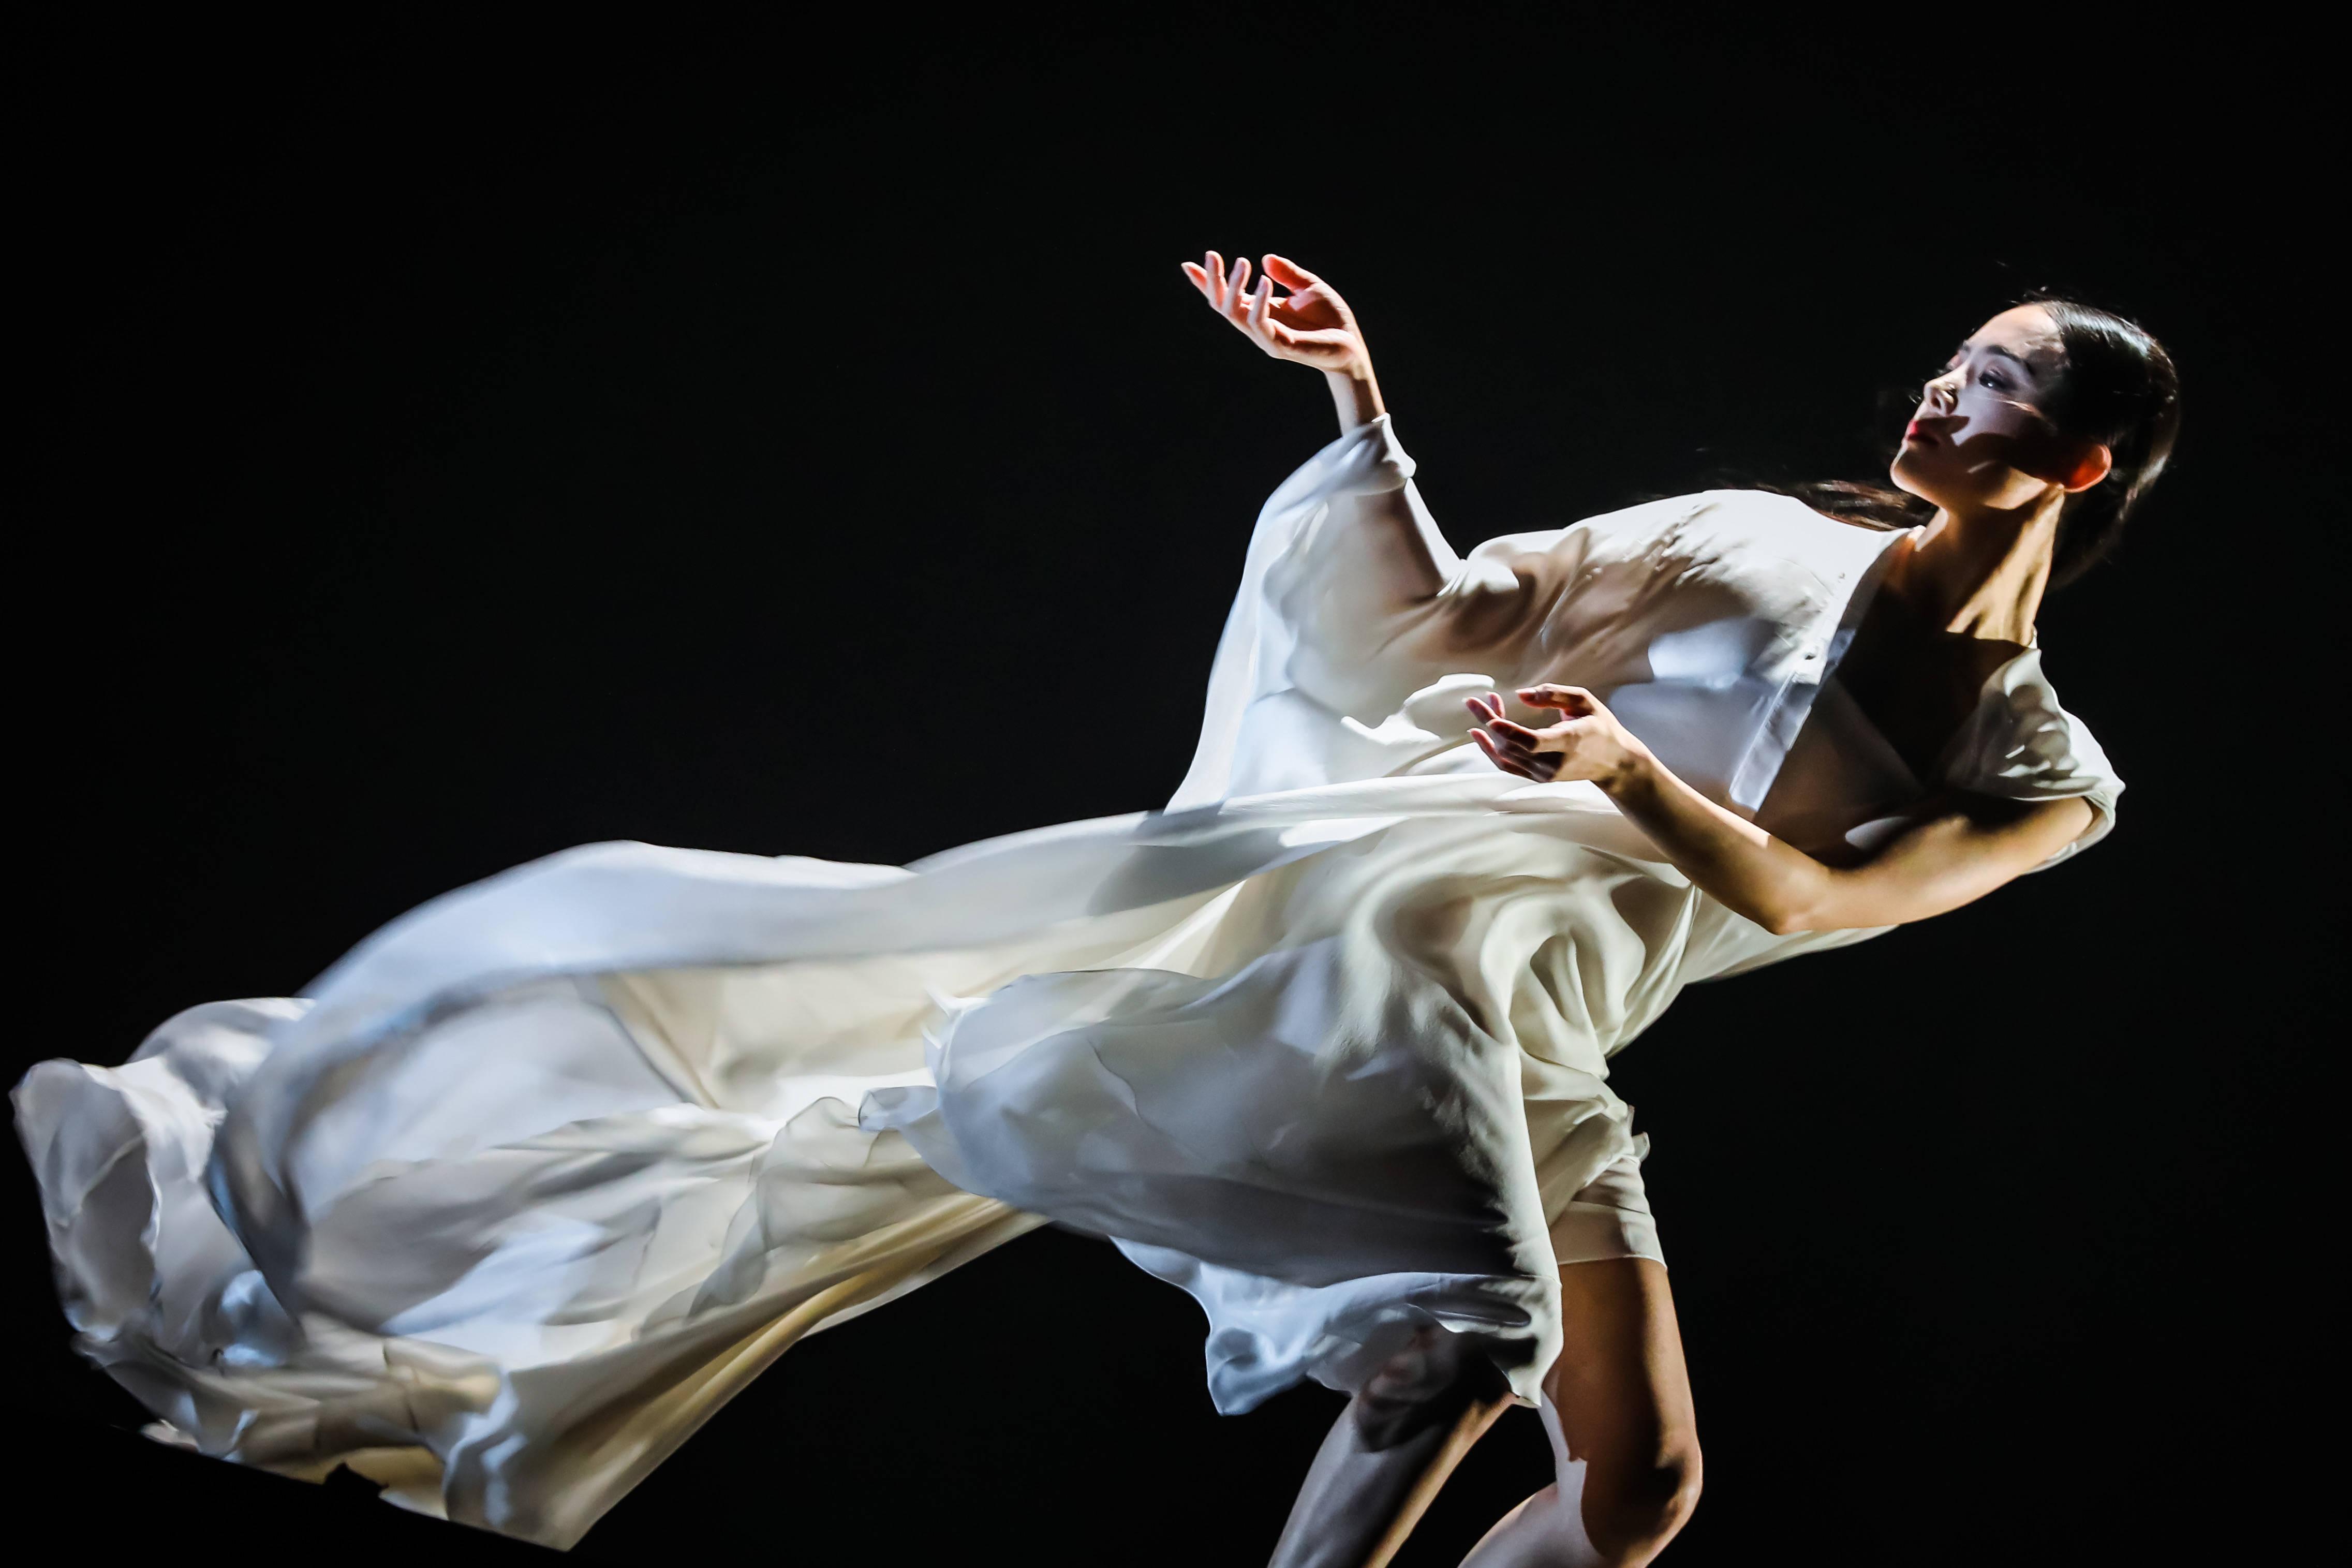 山高路滑,生命如斯,华宵一舞蹈剧场《一刻》长沙站落幕